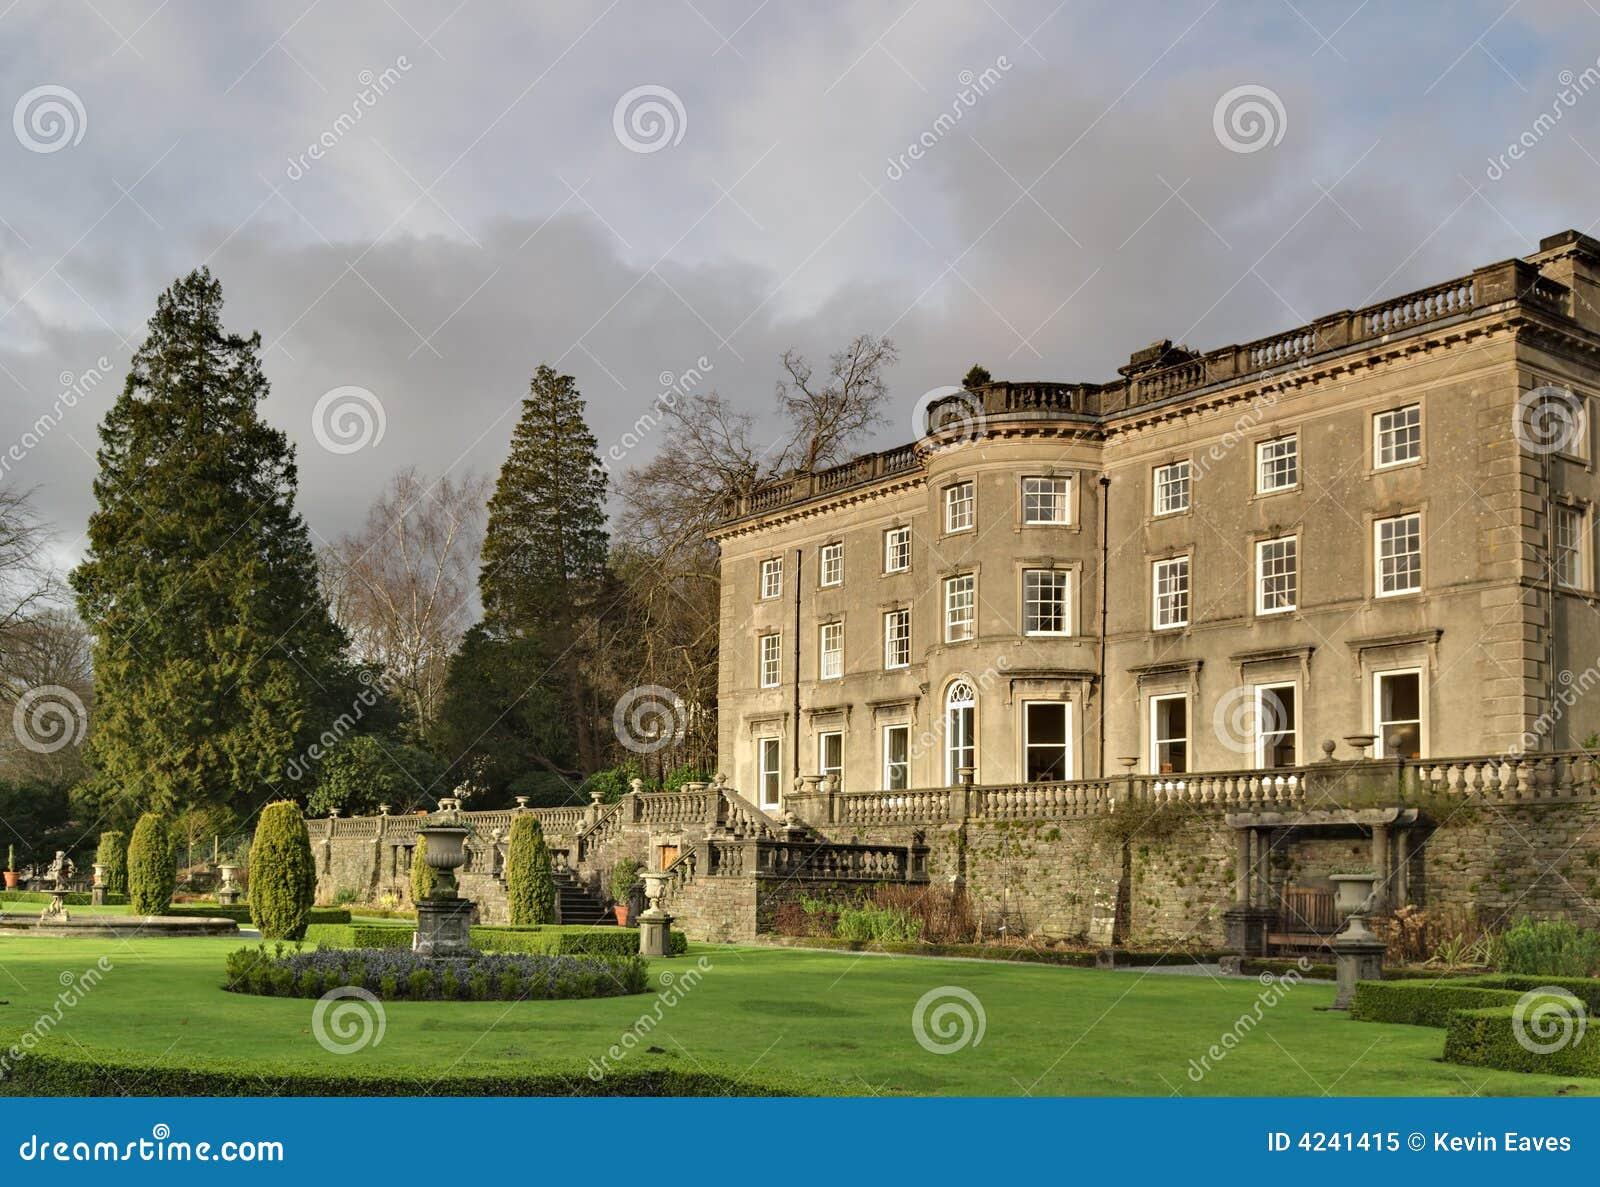 Grandi casa di campagna e giardino inglesi immagine stock for Grandi piani di casa ranch